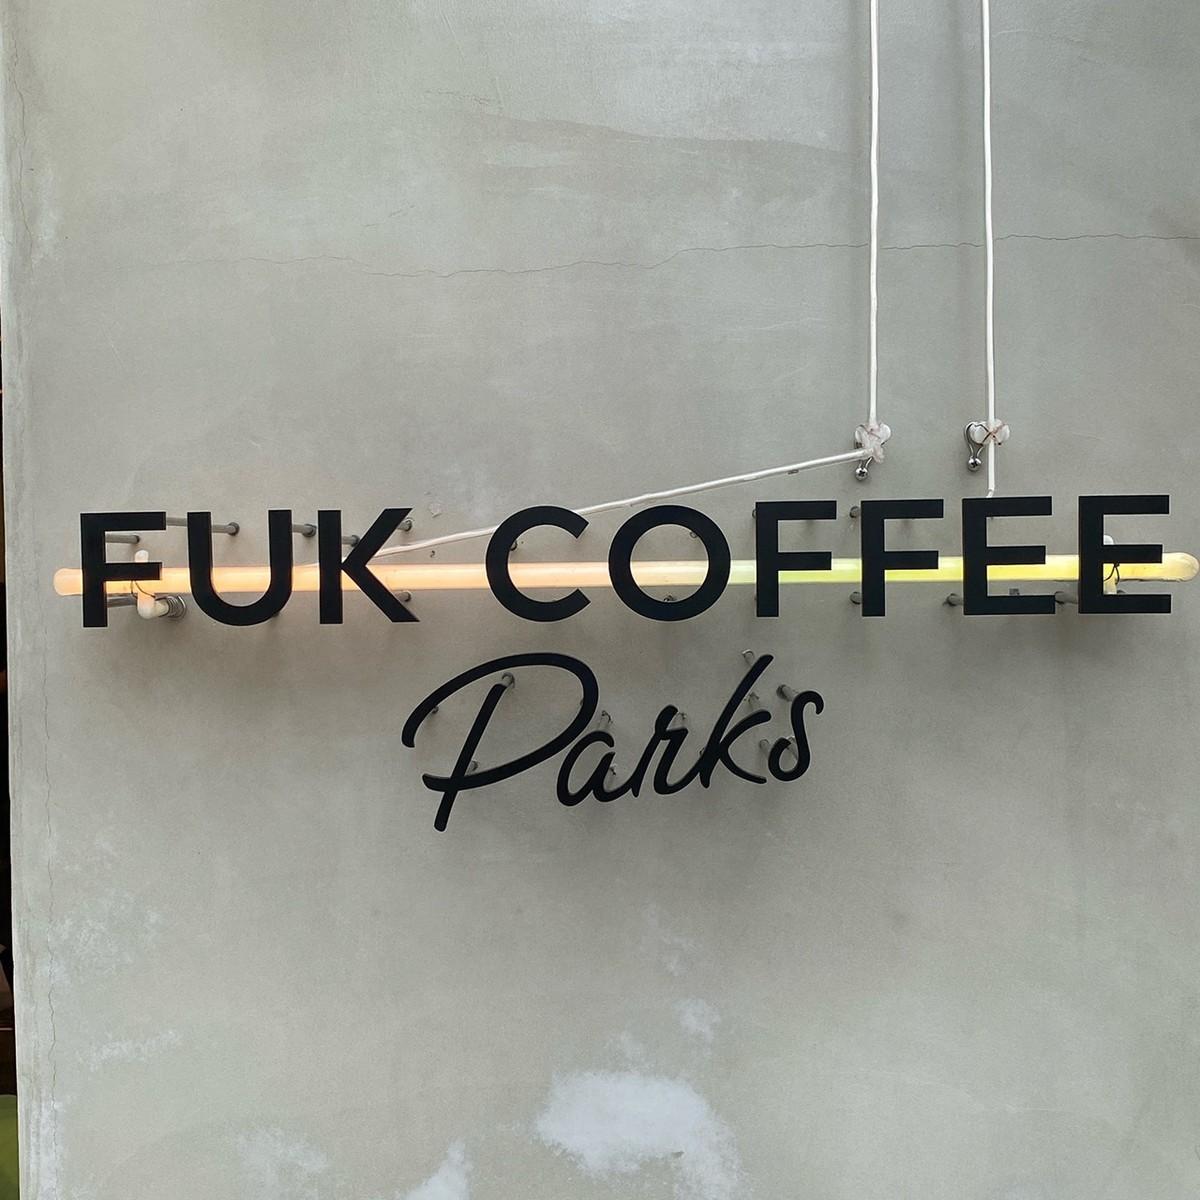 FUK COFFEE Parks